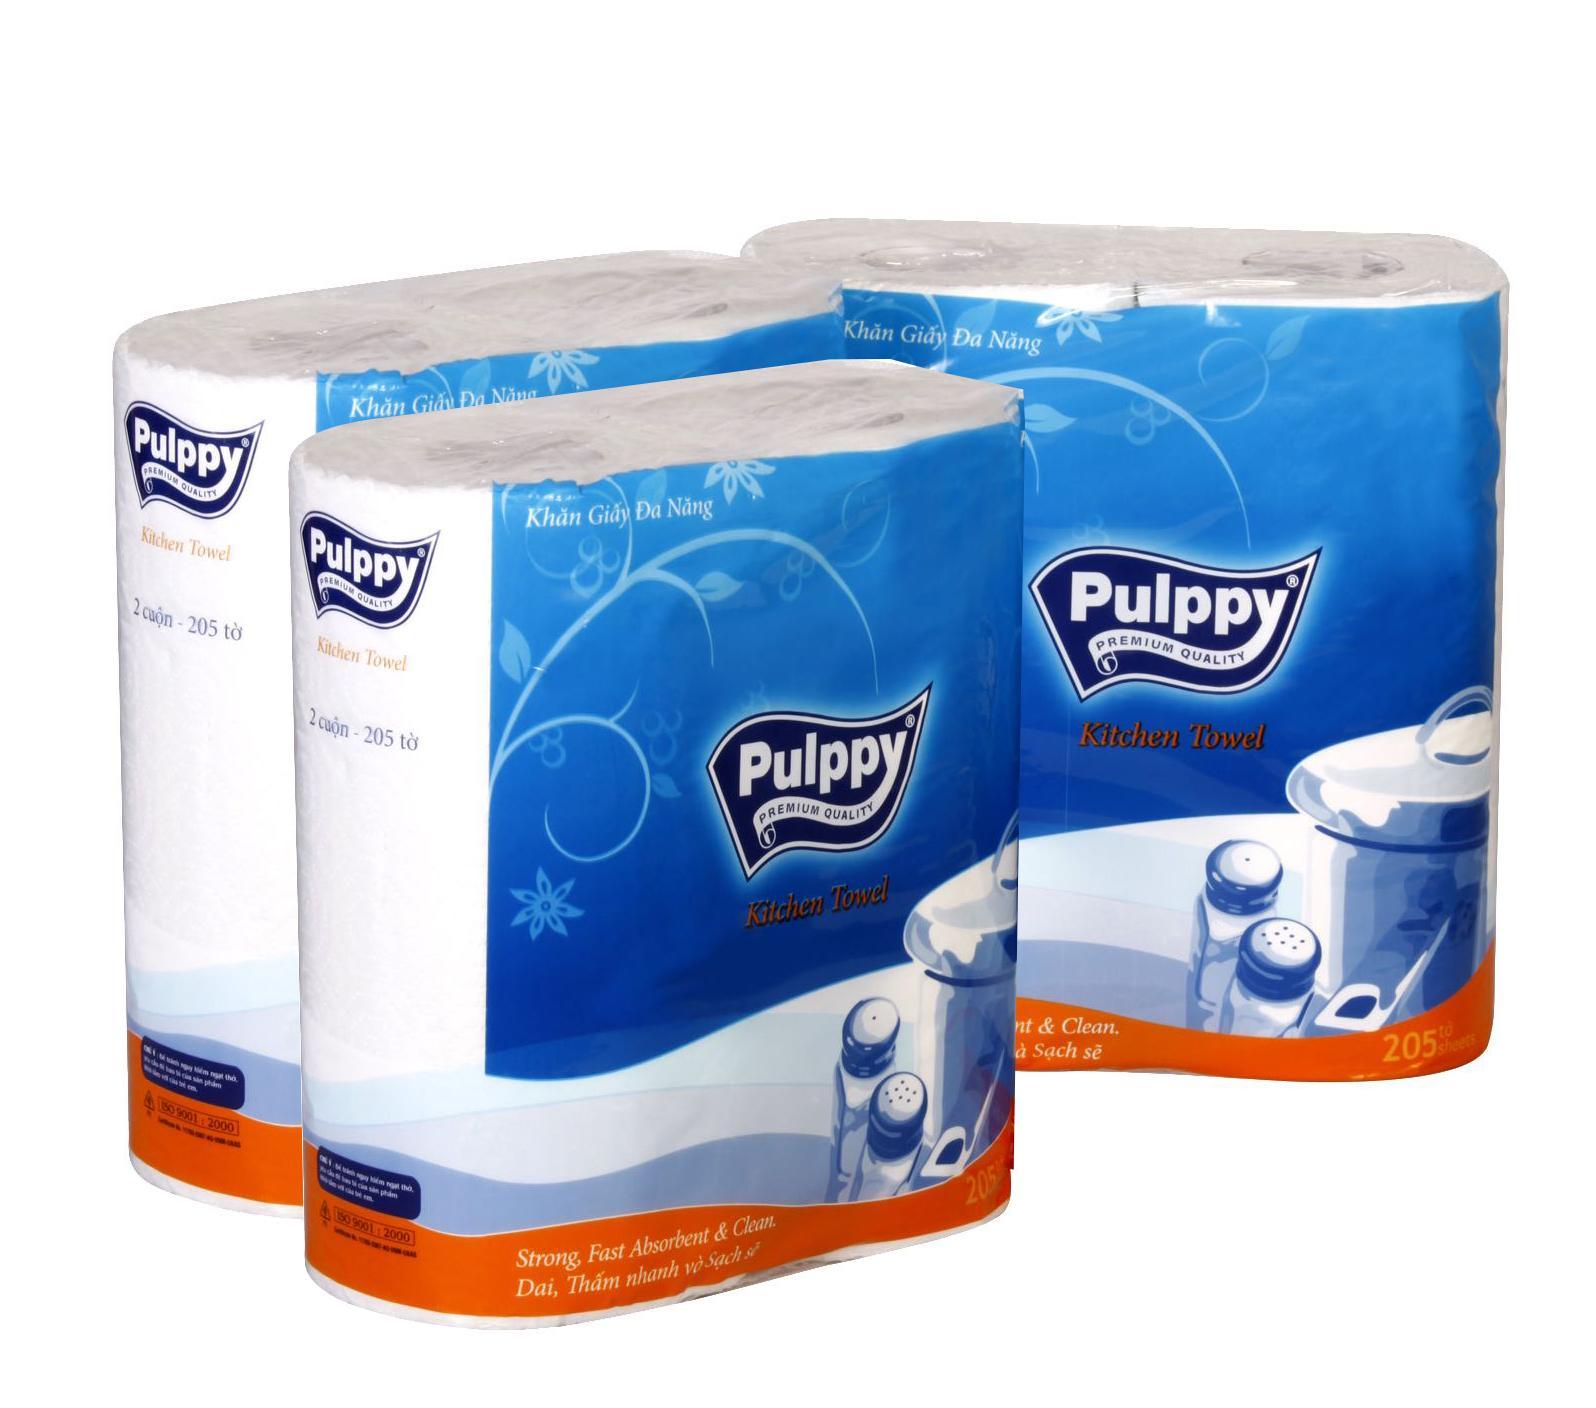 Combo 3 Gói Khăn Giấy Đa Năng Pulppy Classic (2 Cuộn)